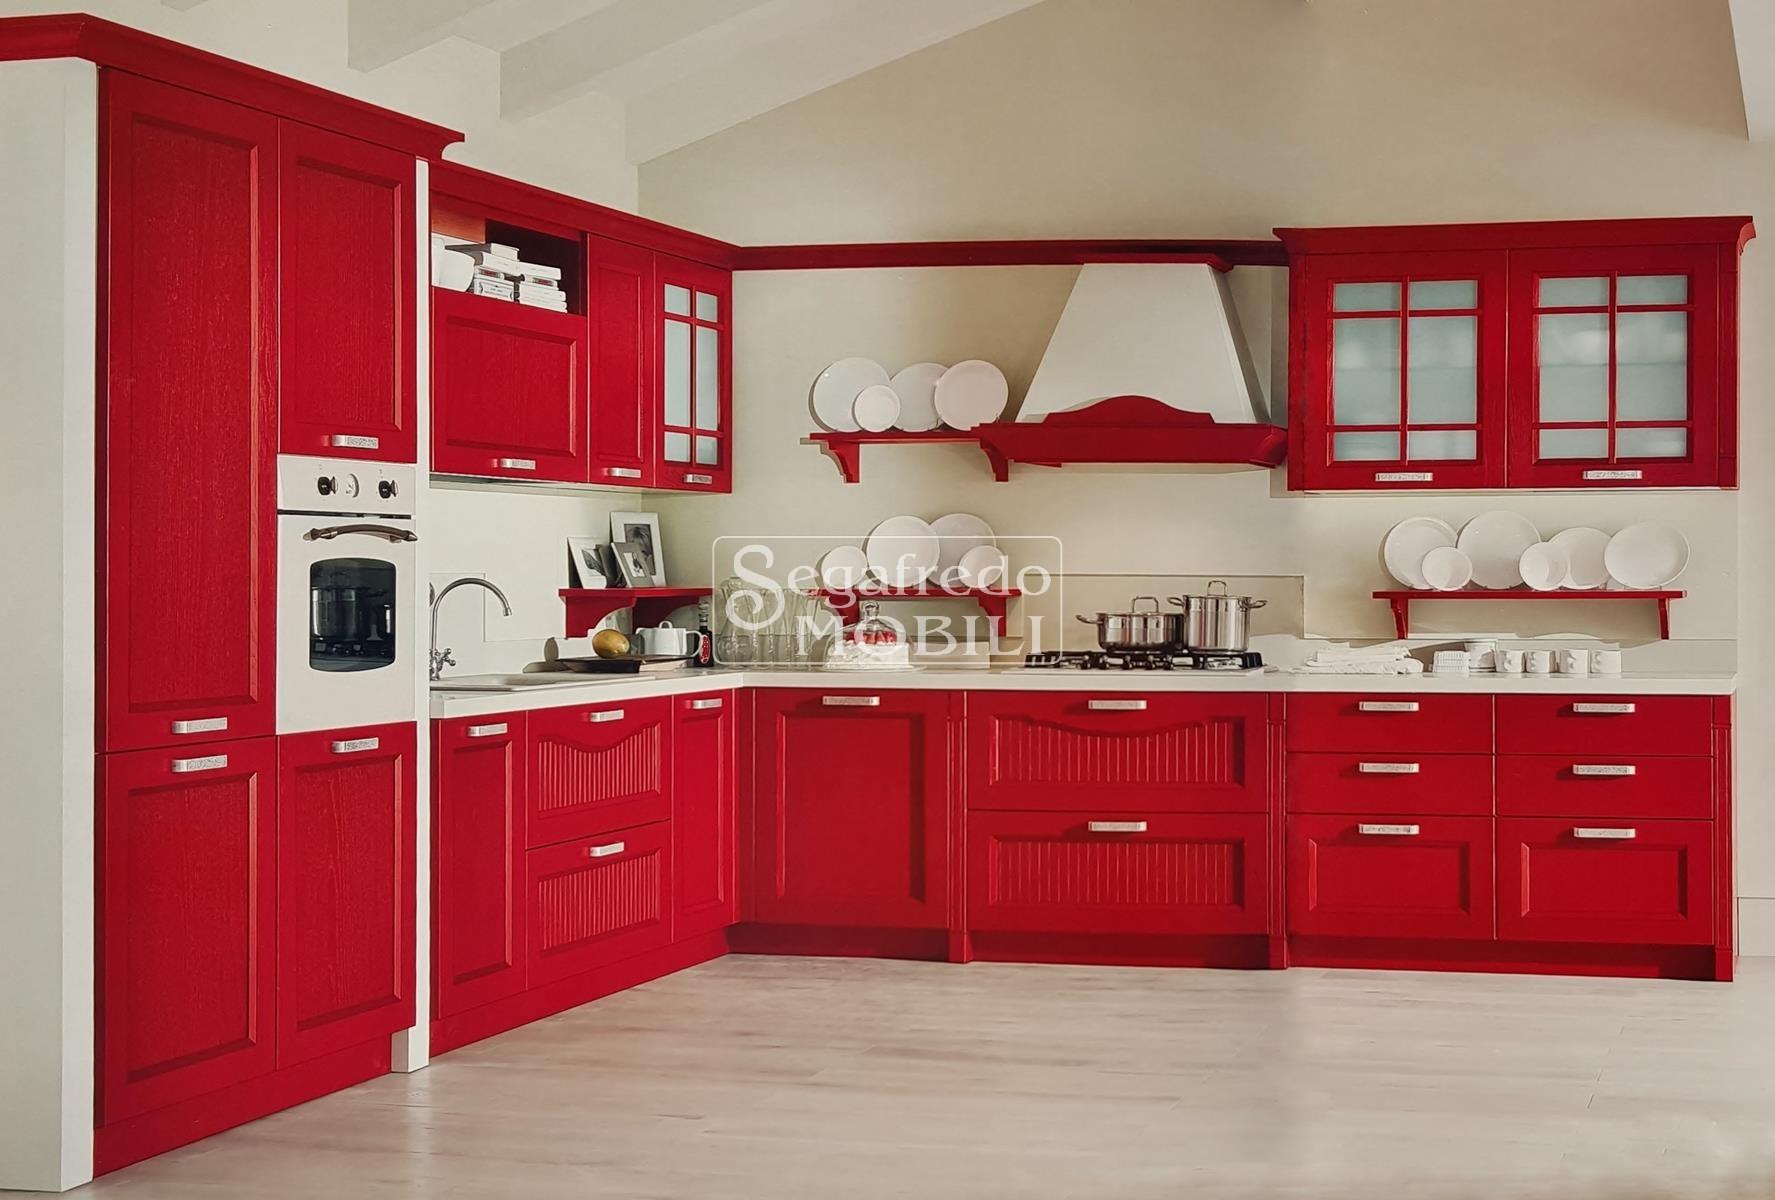 Cucina in frassino spazzolato laccato rosso rubino - La cucina di rossella ...